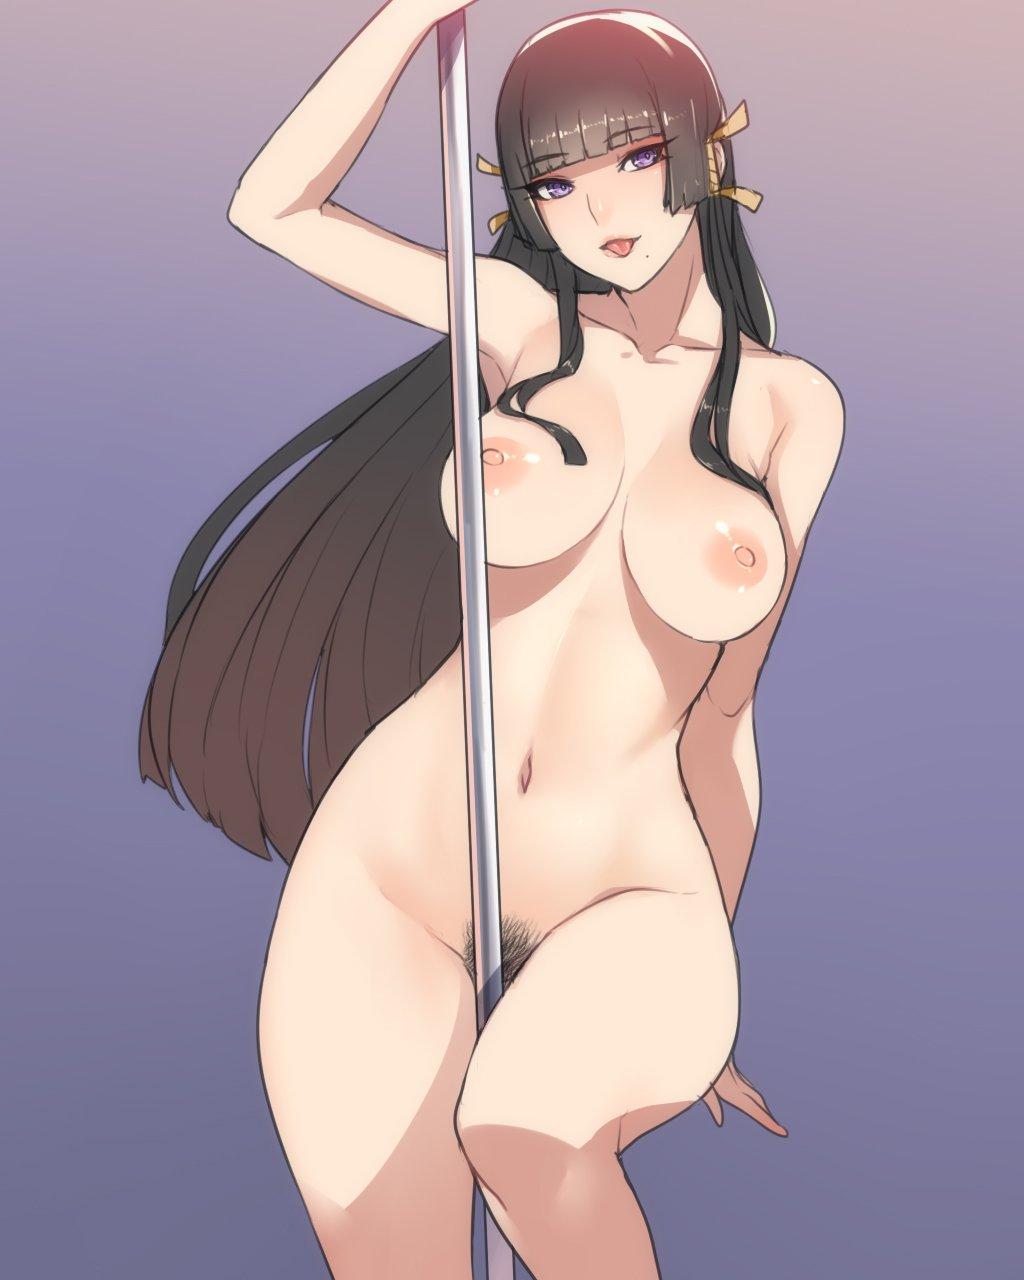 DOA  NYOTENGU nude Resized to 83% of original ...